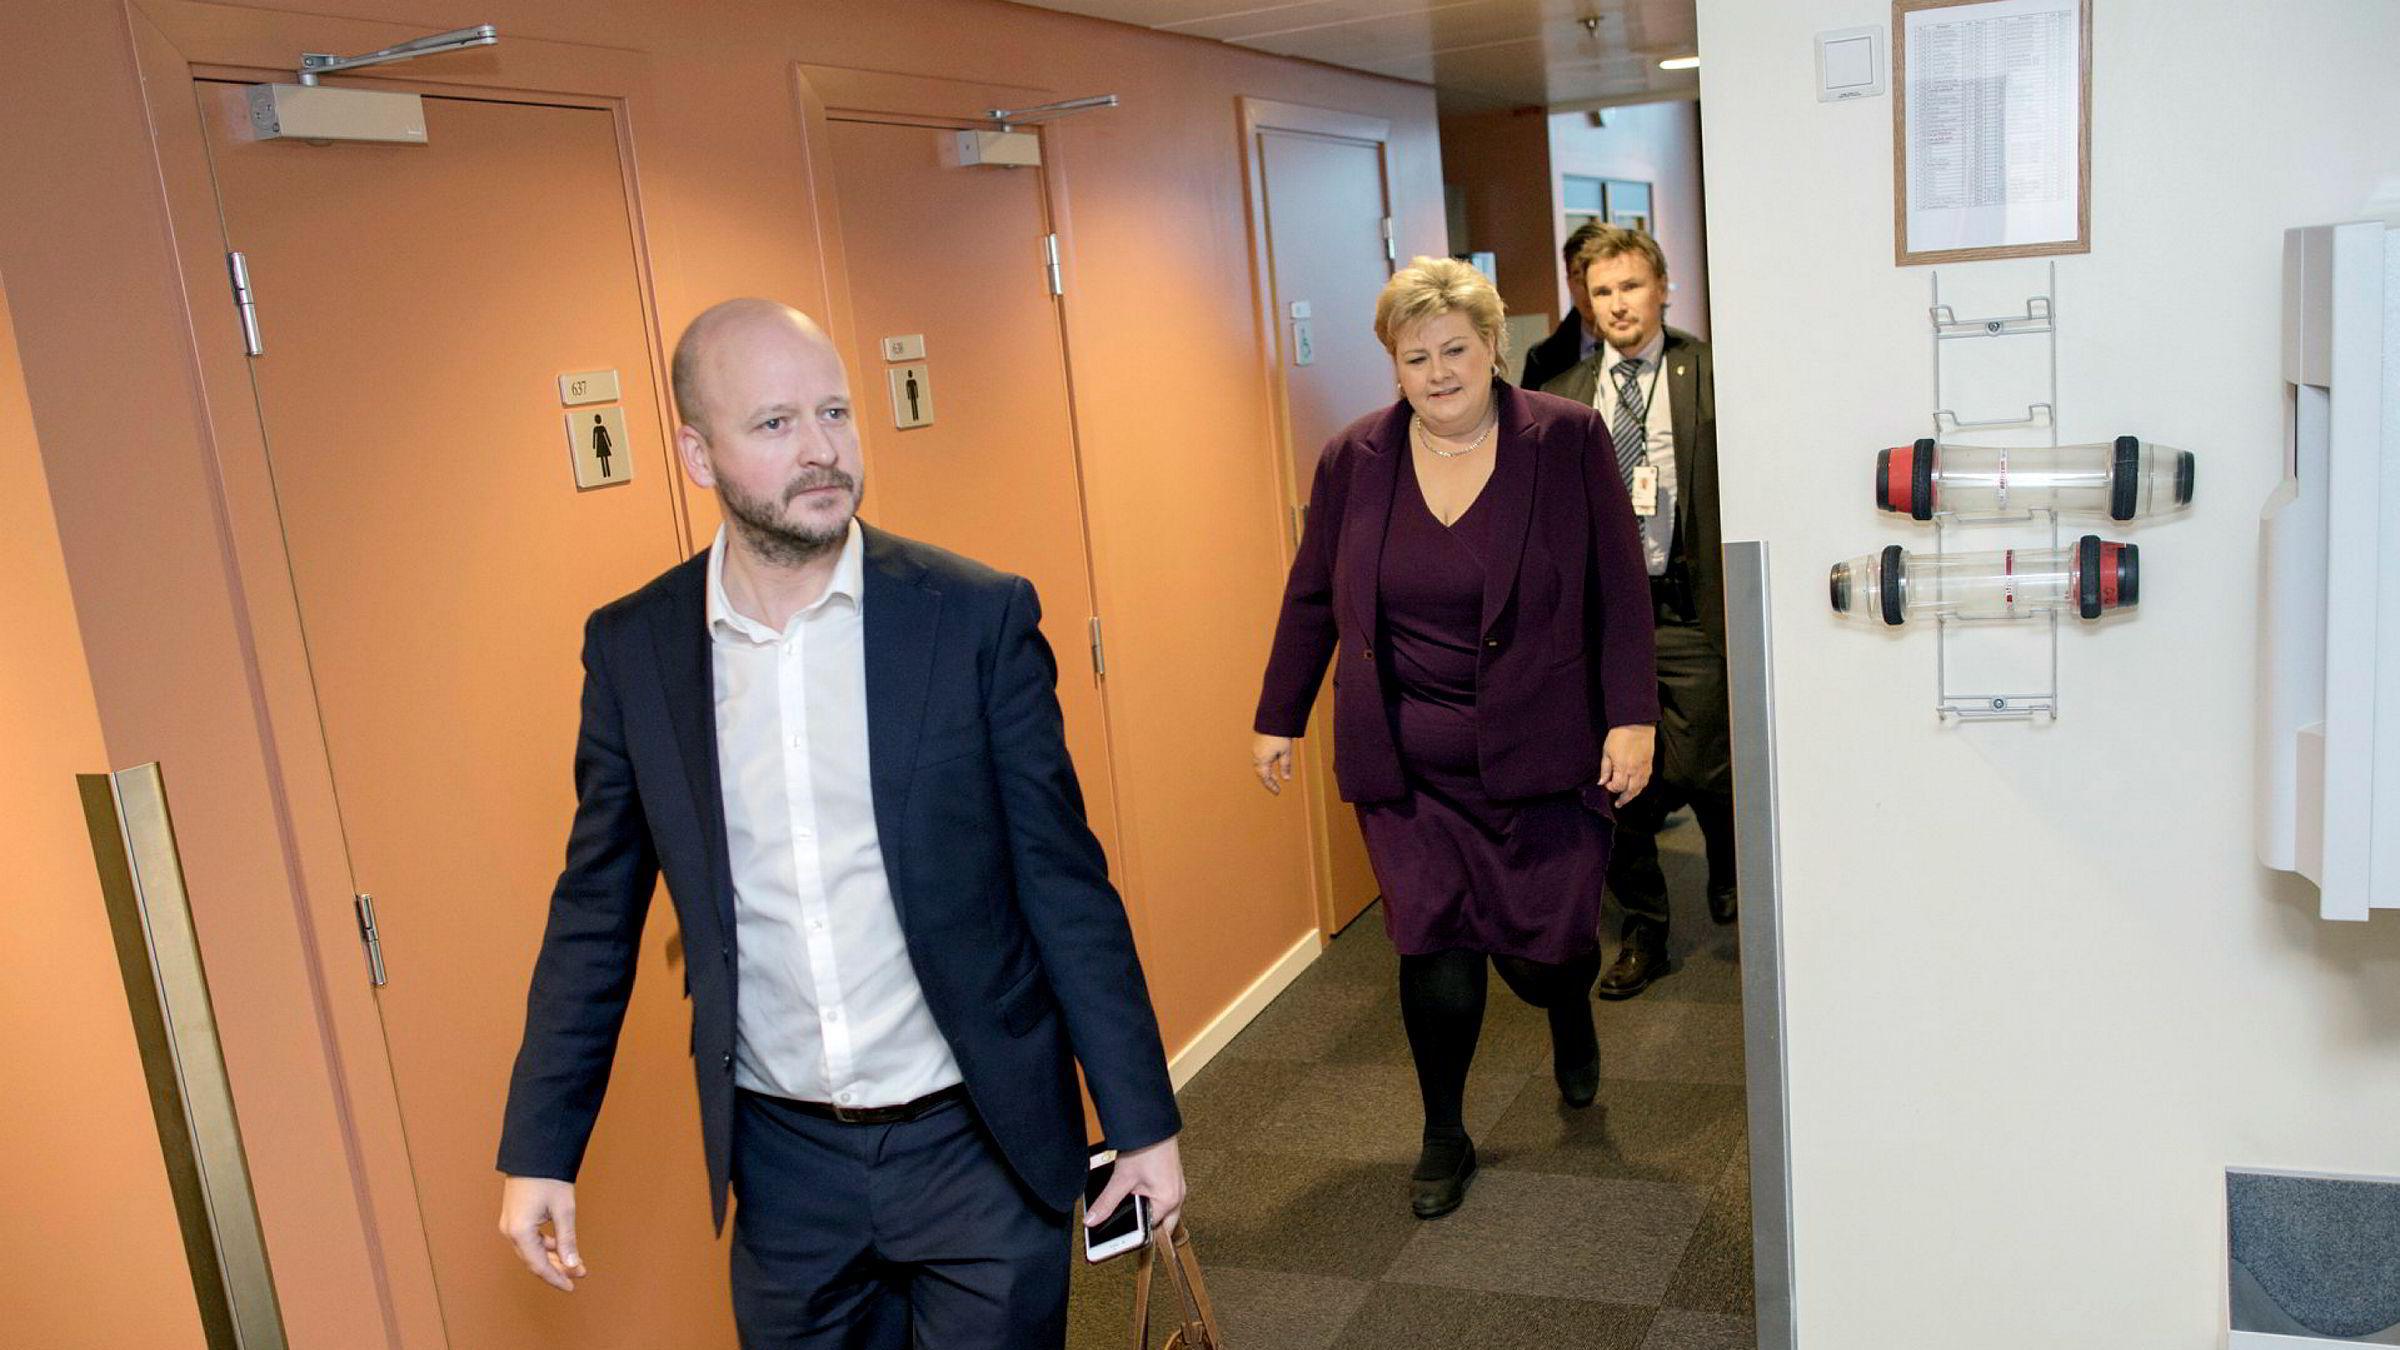 Statssekretær Sigbjørn Aanes sammen med statsminister Erna Solberg da de fortsatt jobbet sammen.